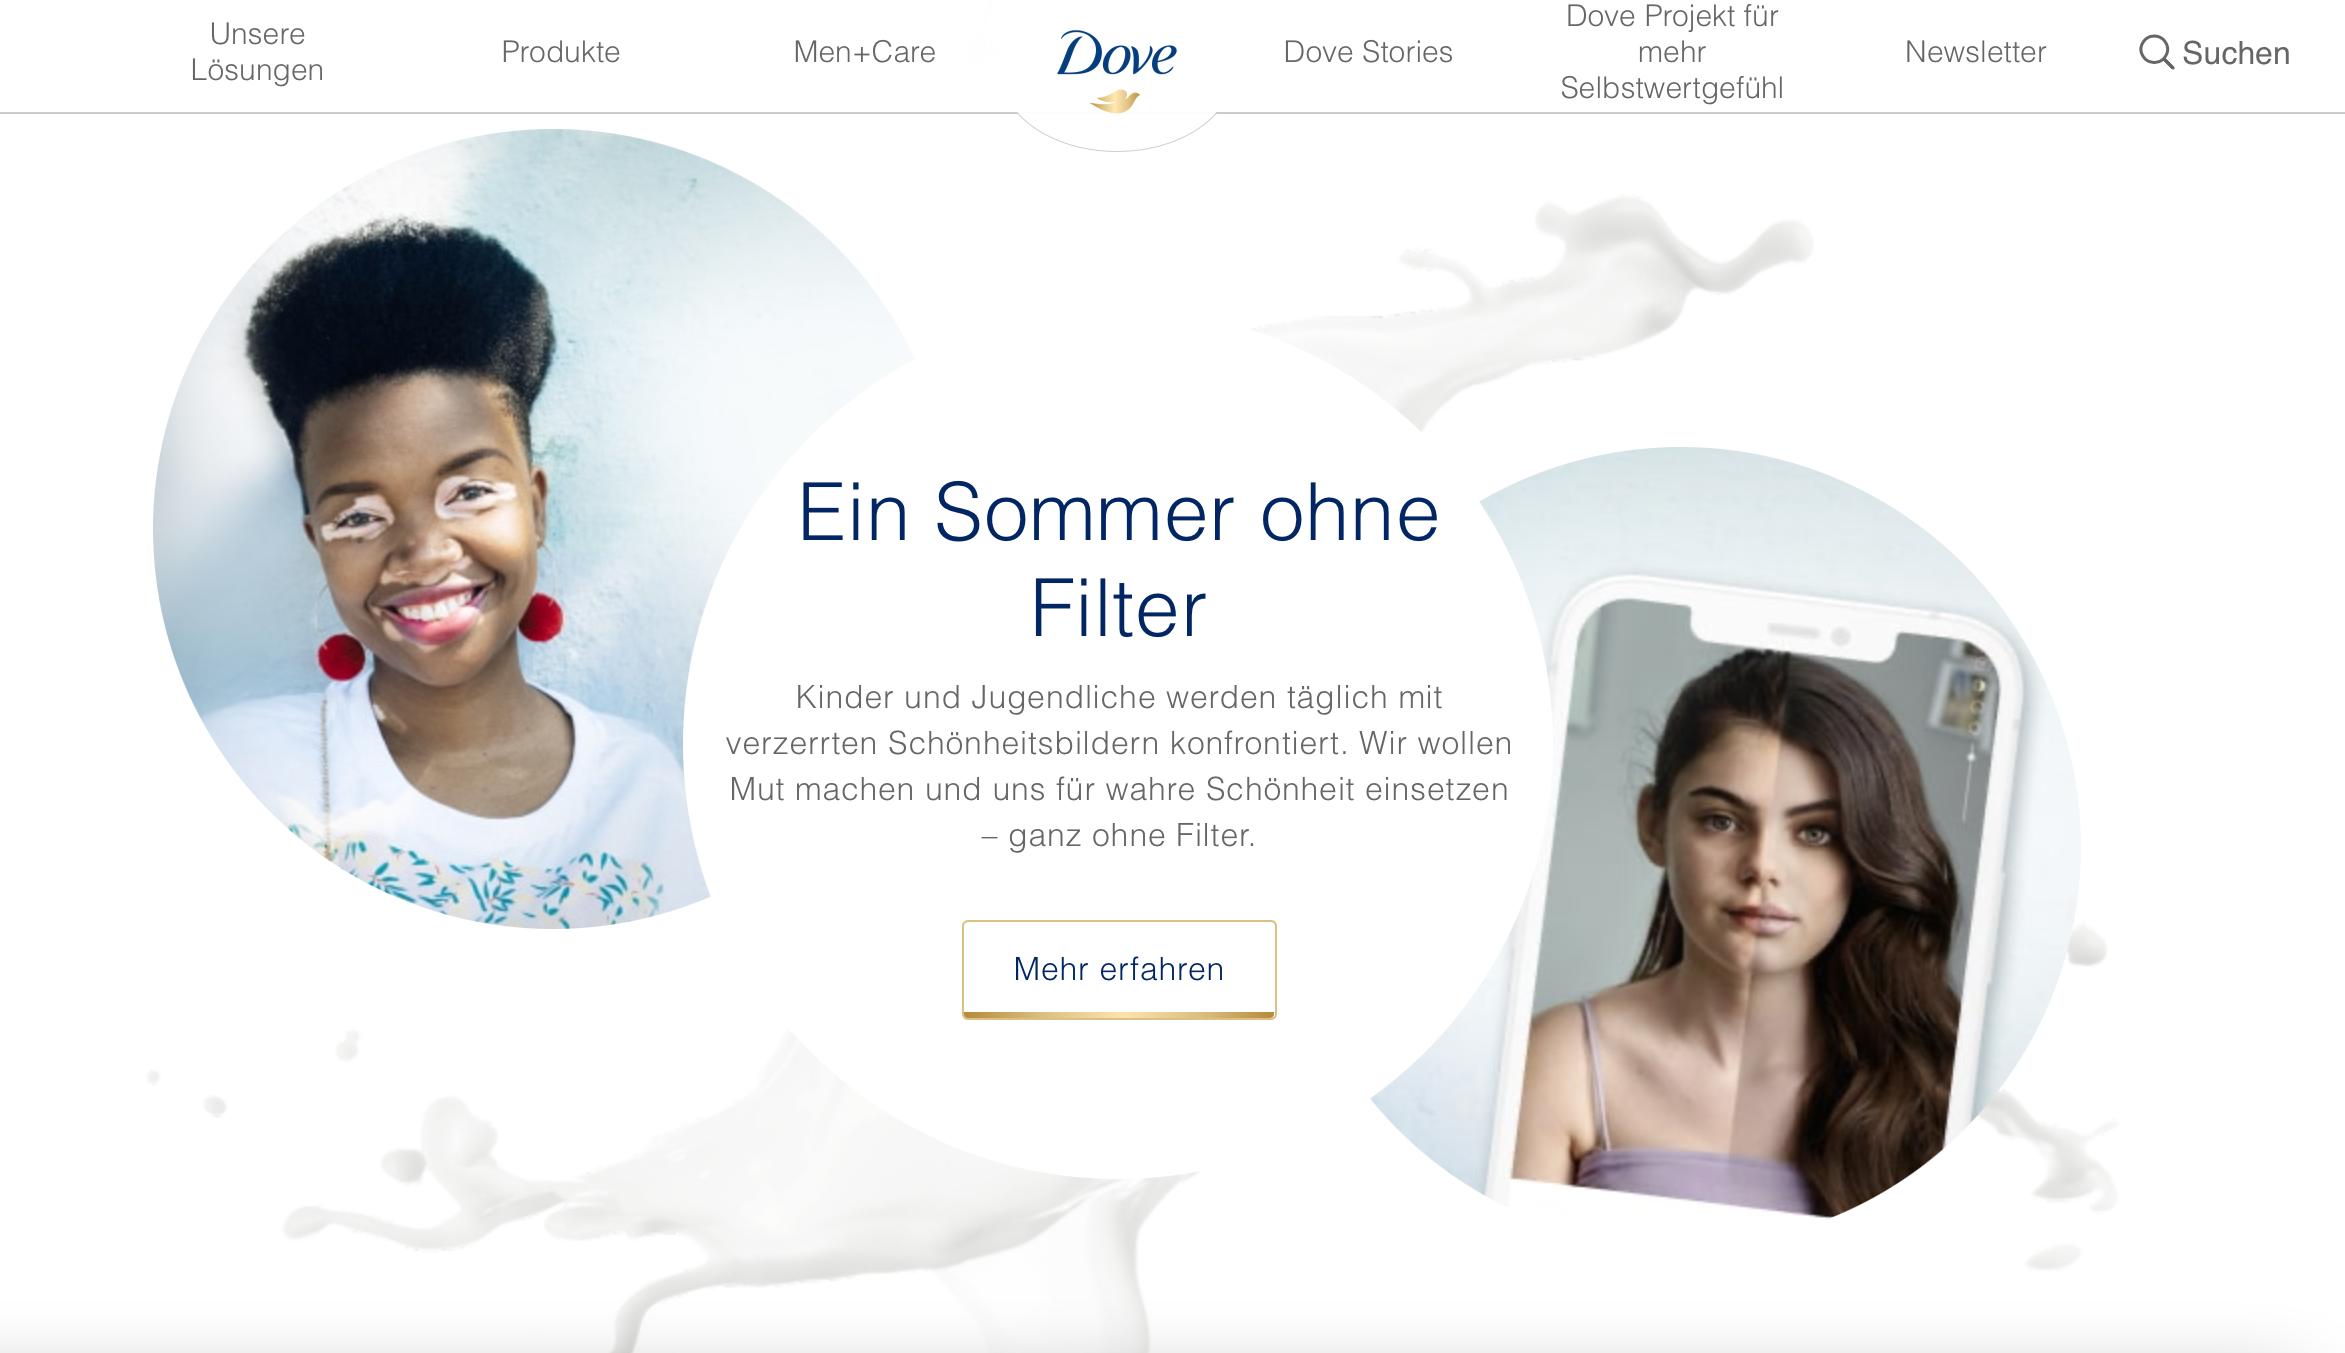 consumer iSights beispiel Dove